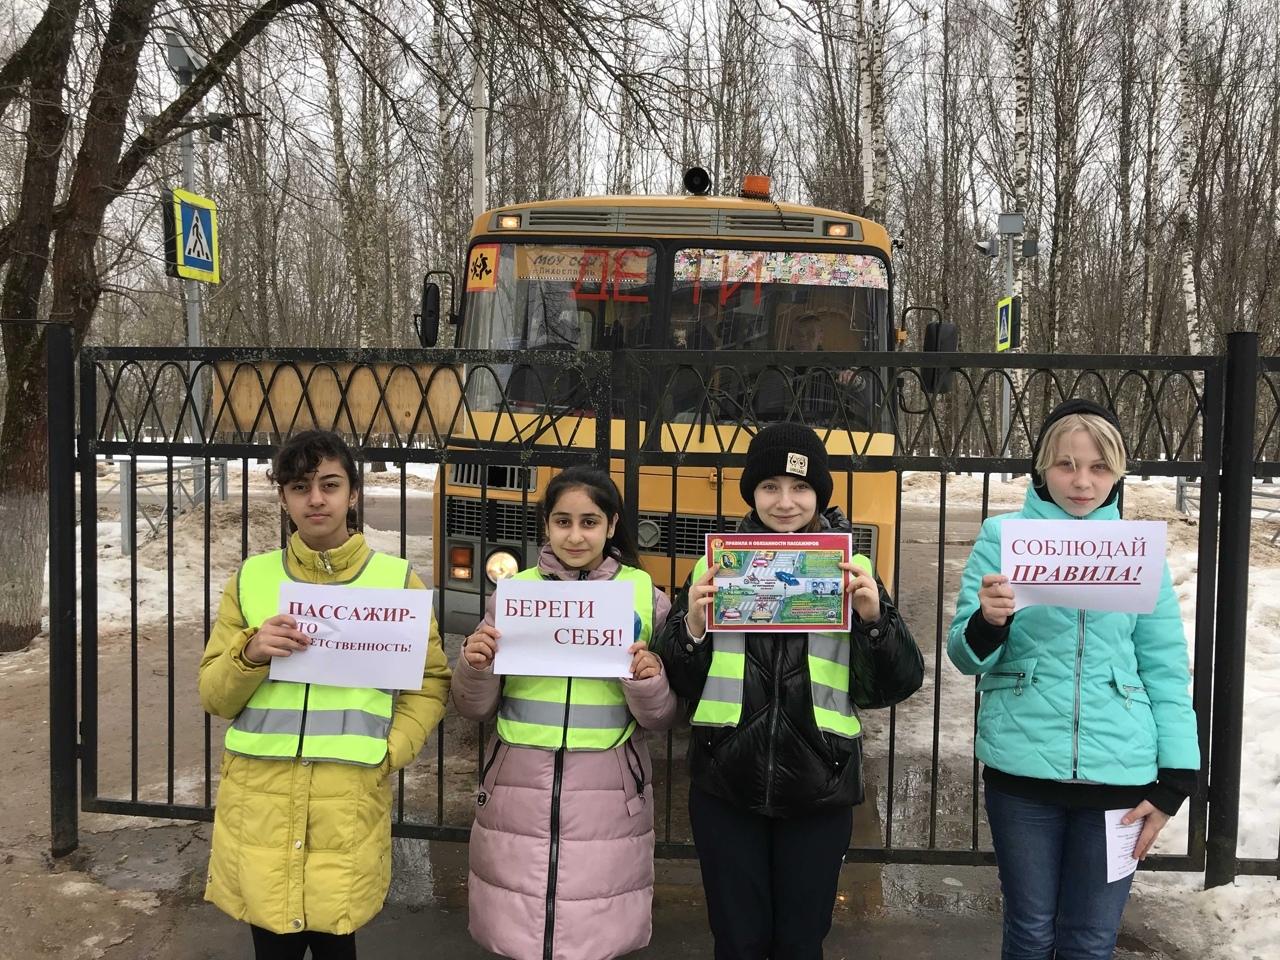 В Лихославле сотрудники ГИБДД напомнили детям о правилах дорожного движения